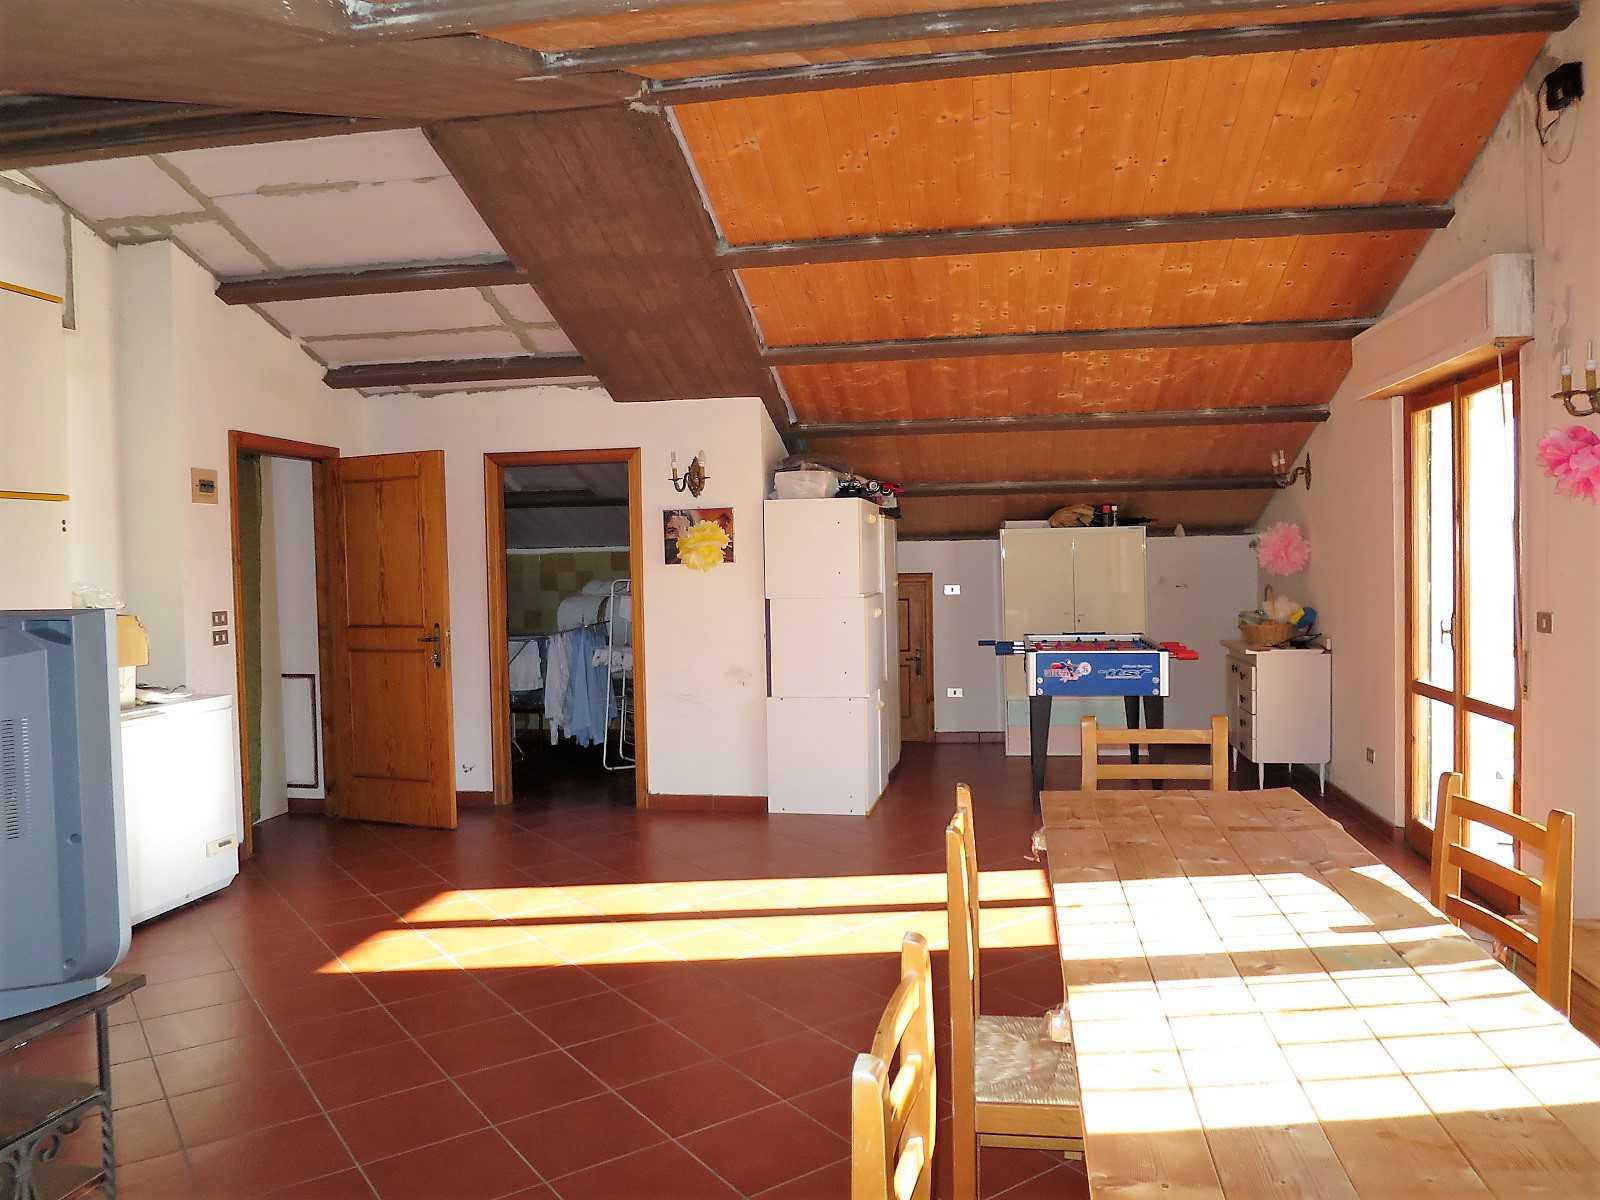 Villa Villa in vendita Notaresco (TE), Villa Vigneto - Notaresco - EUR 382.044 430